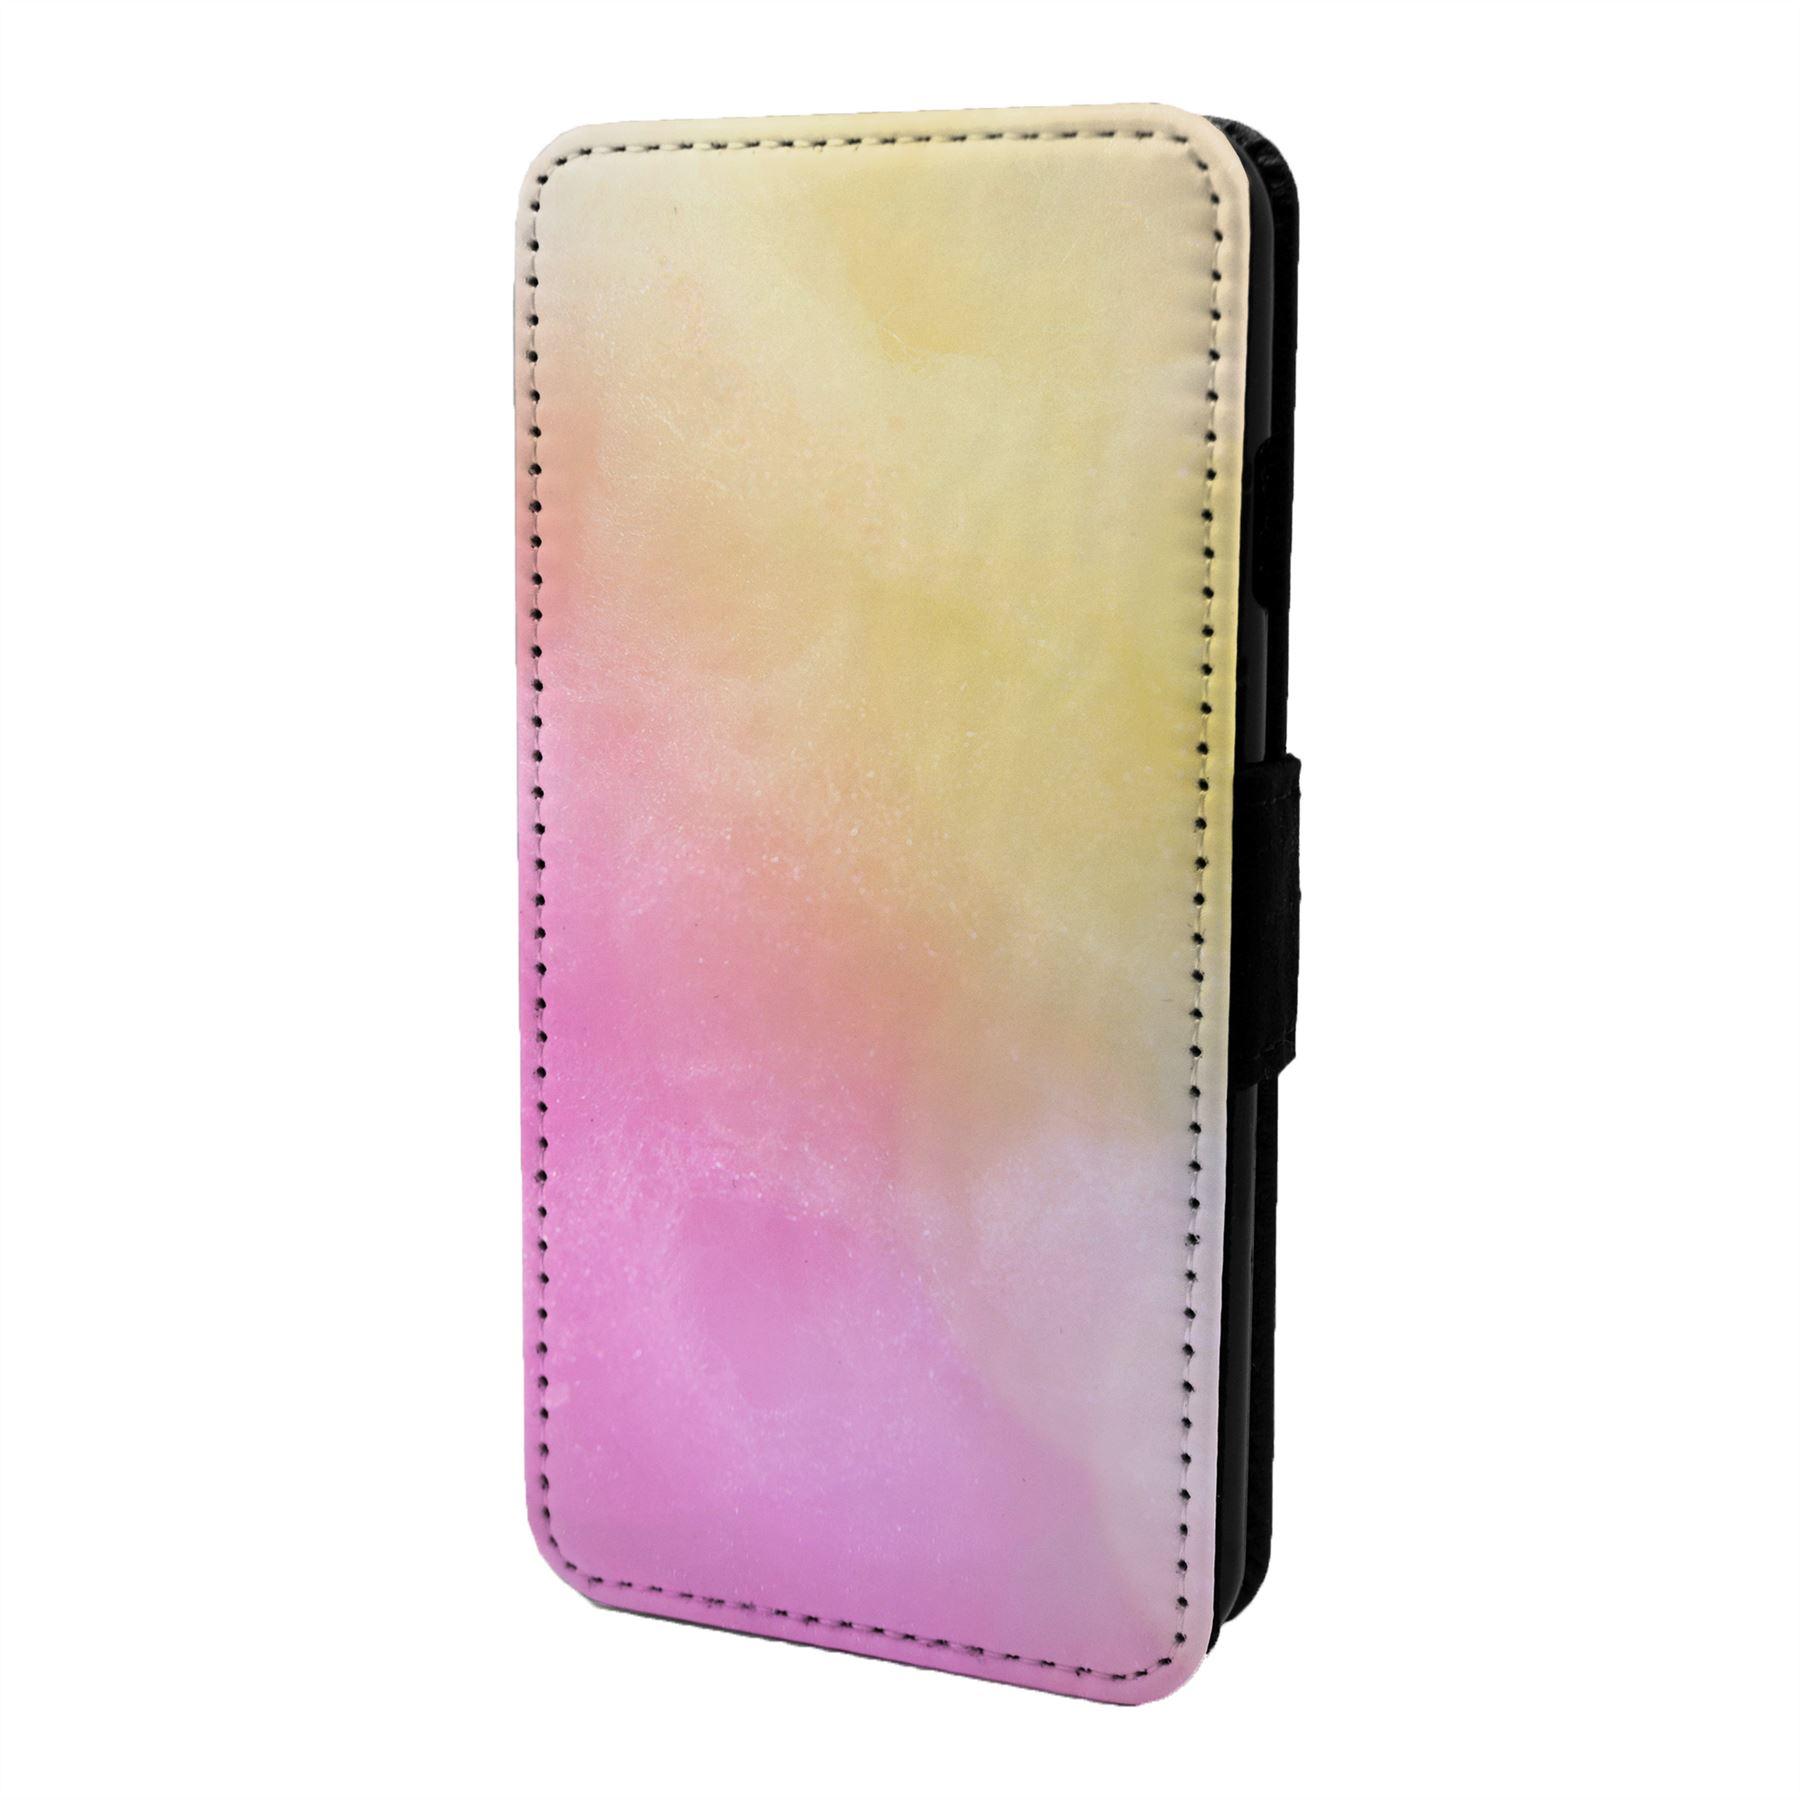 Pastel-Motif-Etui-Rabattable-pour-Telephone-Portable-S7037